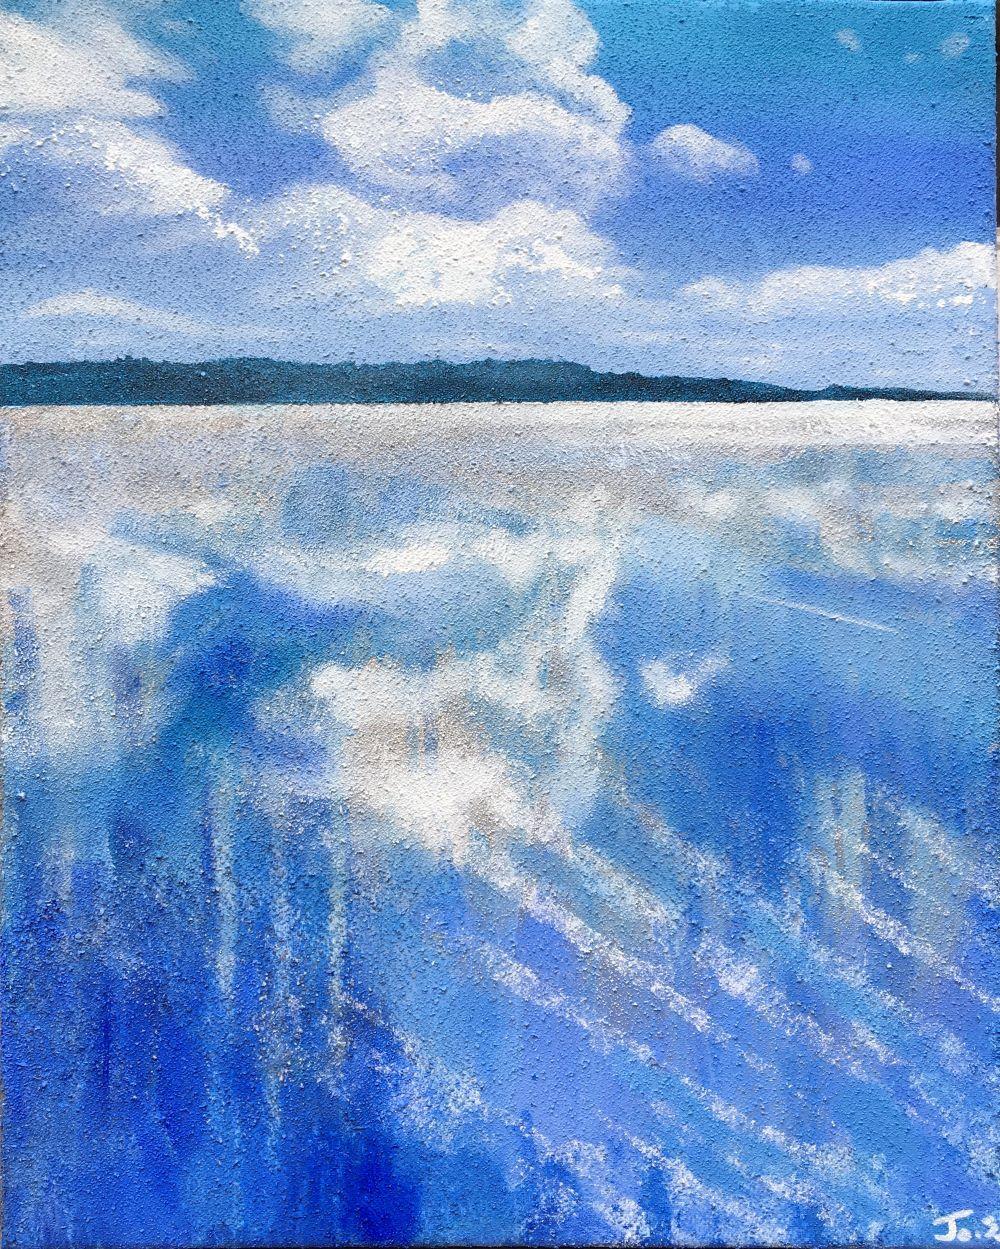 Blue Space 12 40x50 Acrylic and beach sand on canvas